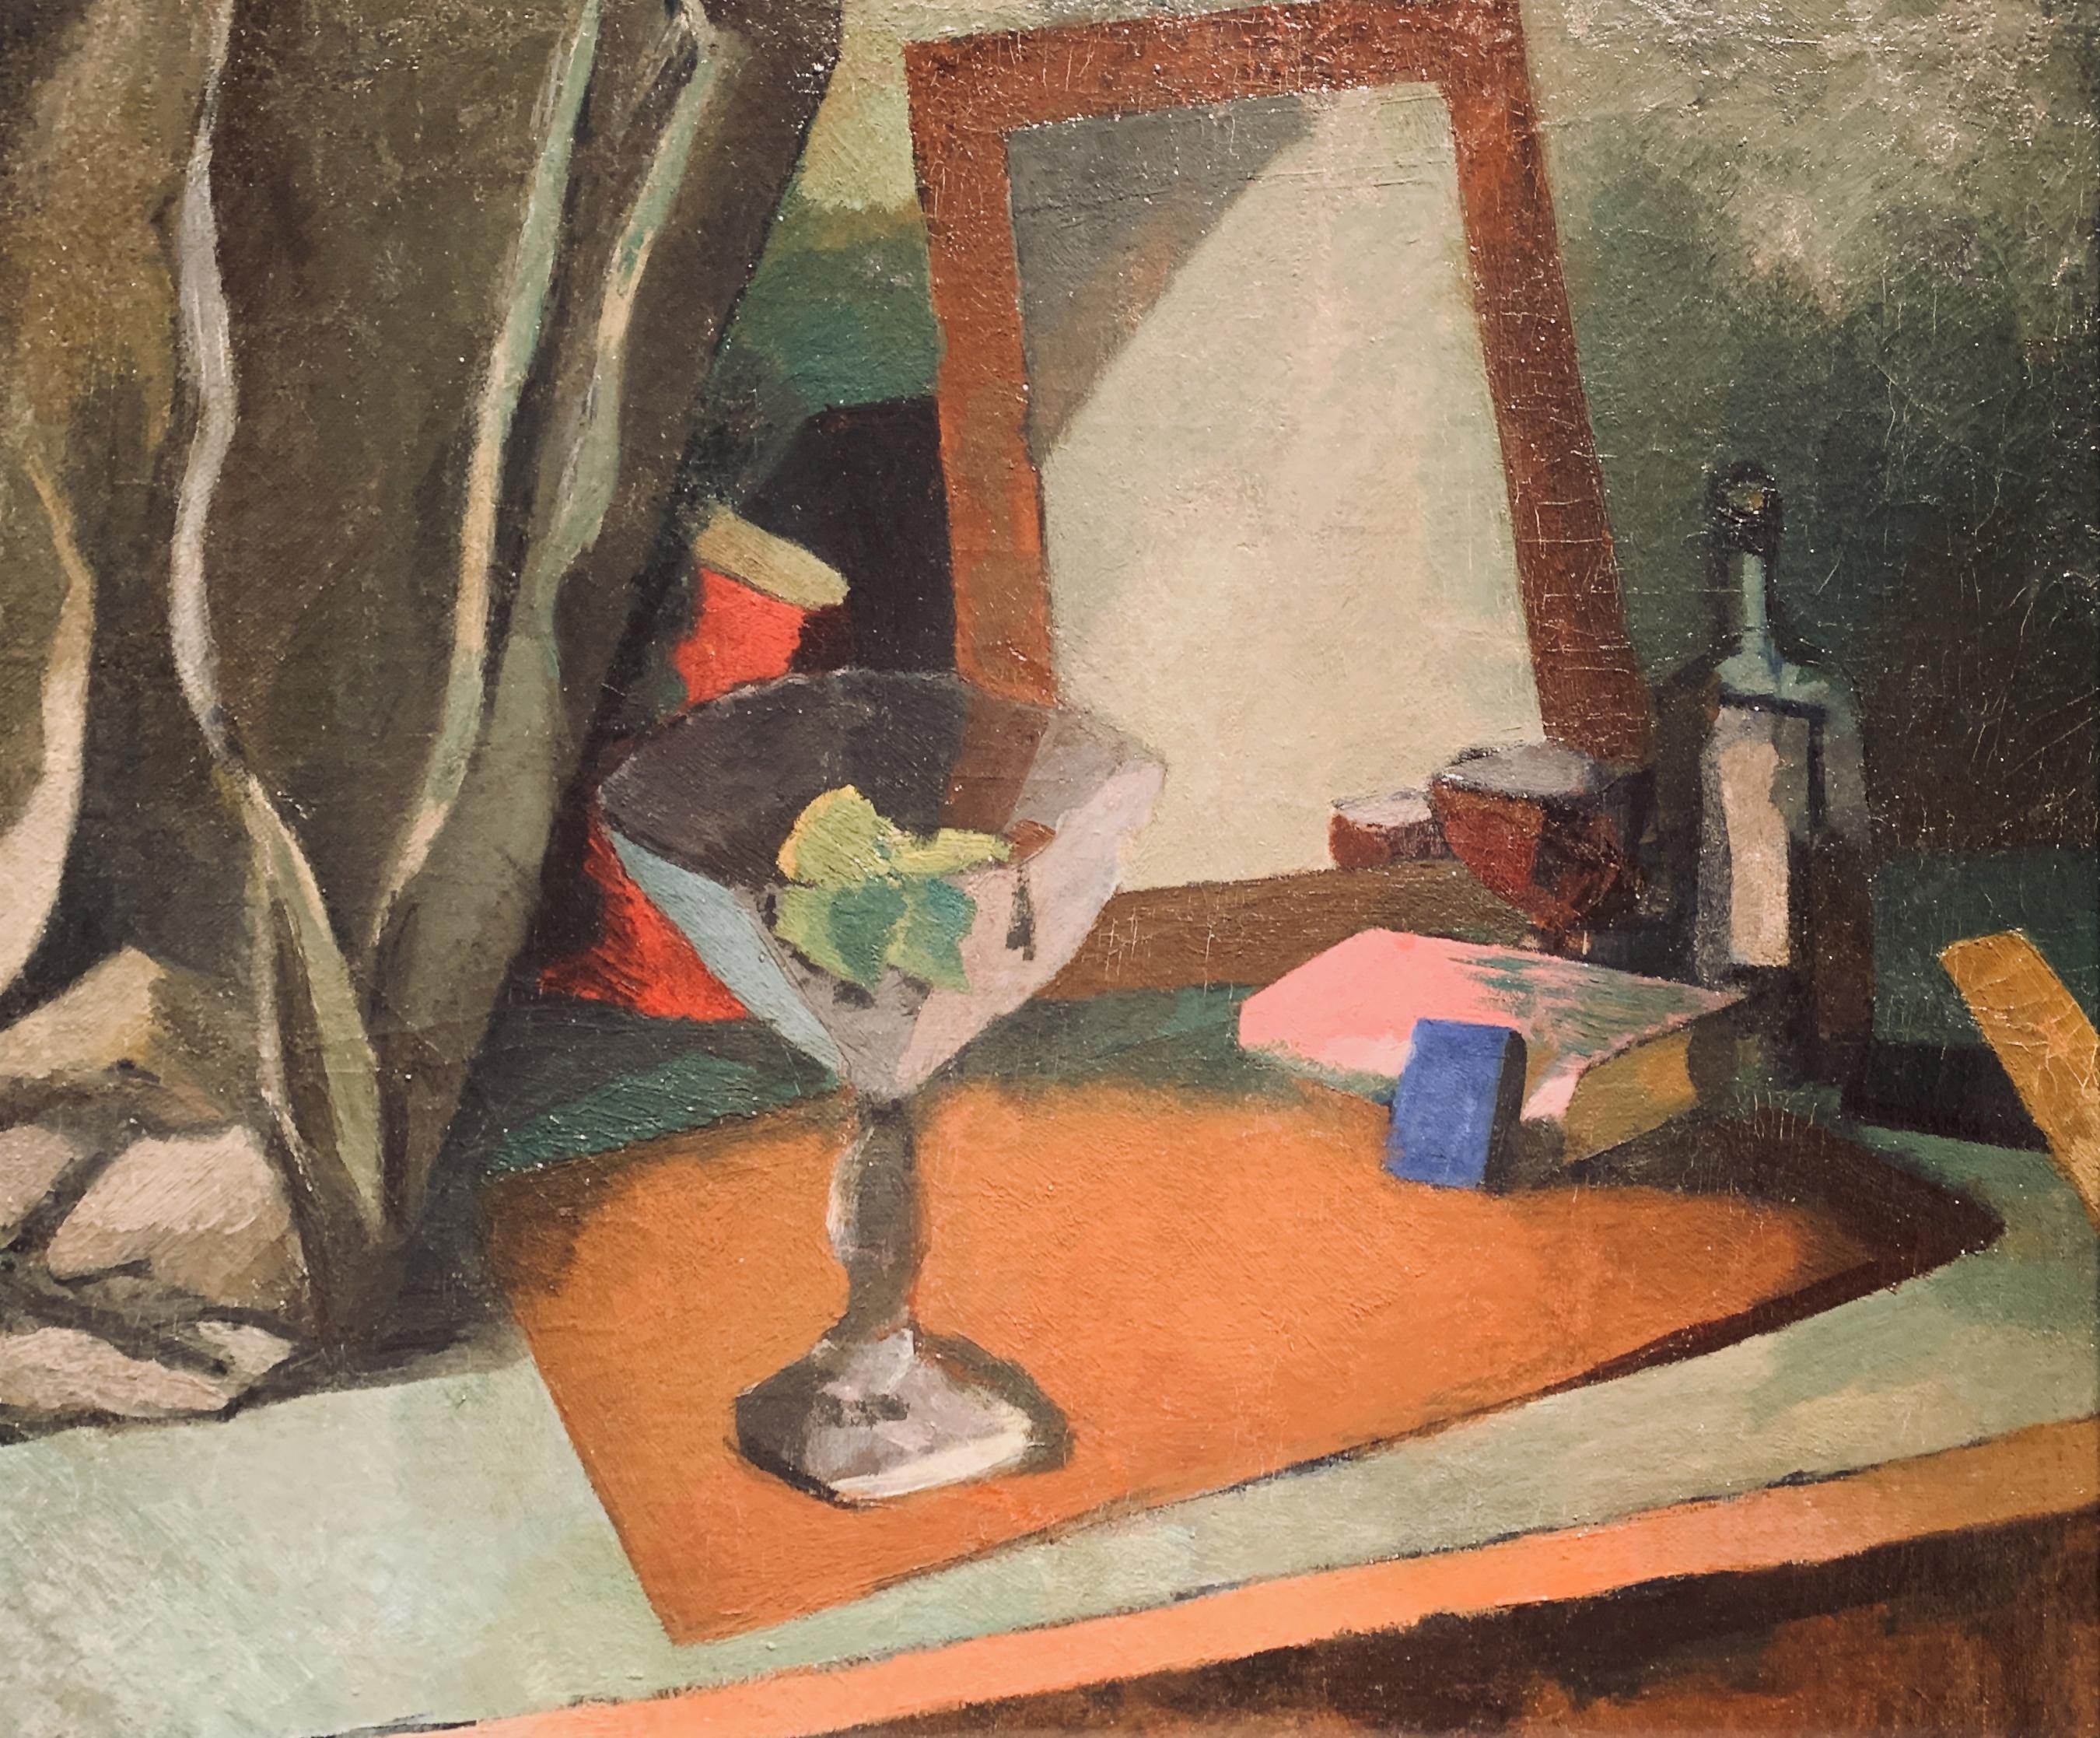 Константин Истомин художник картина натюрморт пейзажи природы Альберт Сафиуллин